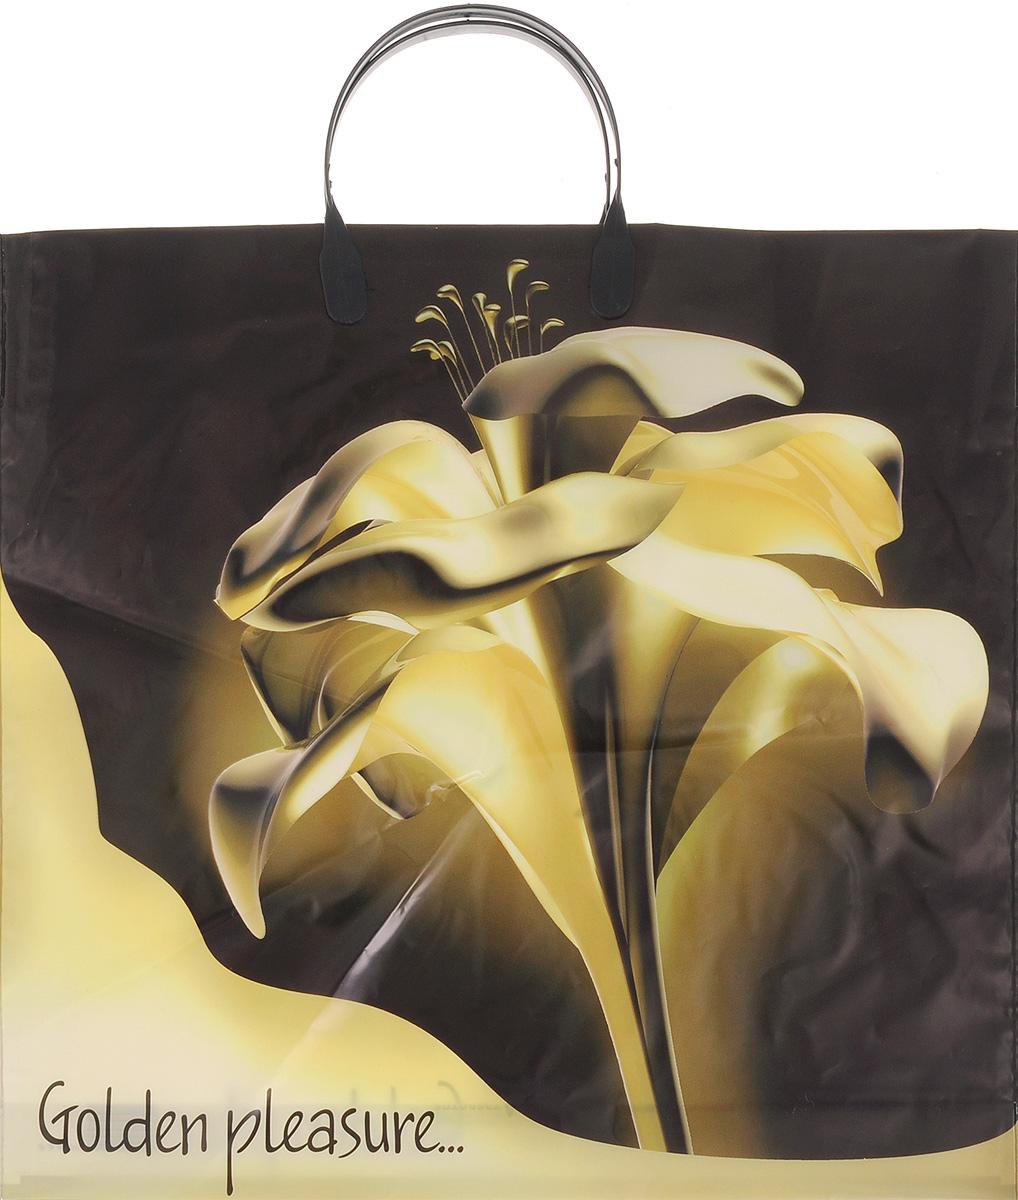 Набор пакетов Артпласт Золотой цветок, с пластиковыми ручками, 10 штПЛР21648Набор Артпласт Золотой цветок состоит из 10 пакетов, выполненных из высококачественного полиэтилена. Изделия оформлены изящным цветочным изображением и оснащены эргономичными пластиковыми ручками. Такие пакеты идеально подойдут для переноски и хранения любых предметов быта. Размер пакета: 37 х 33 см. Высота ручек: 11,5 см.